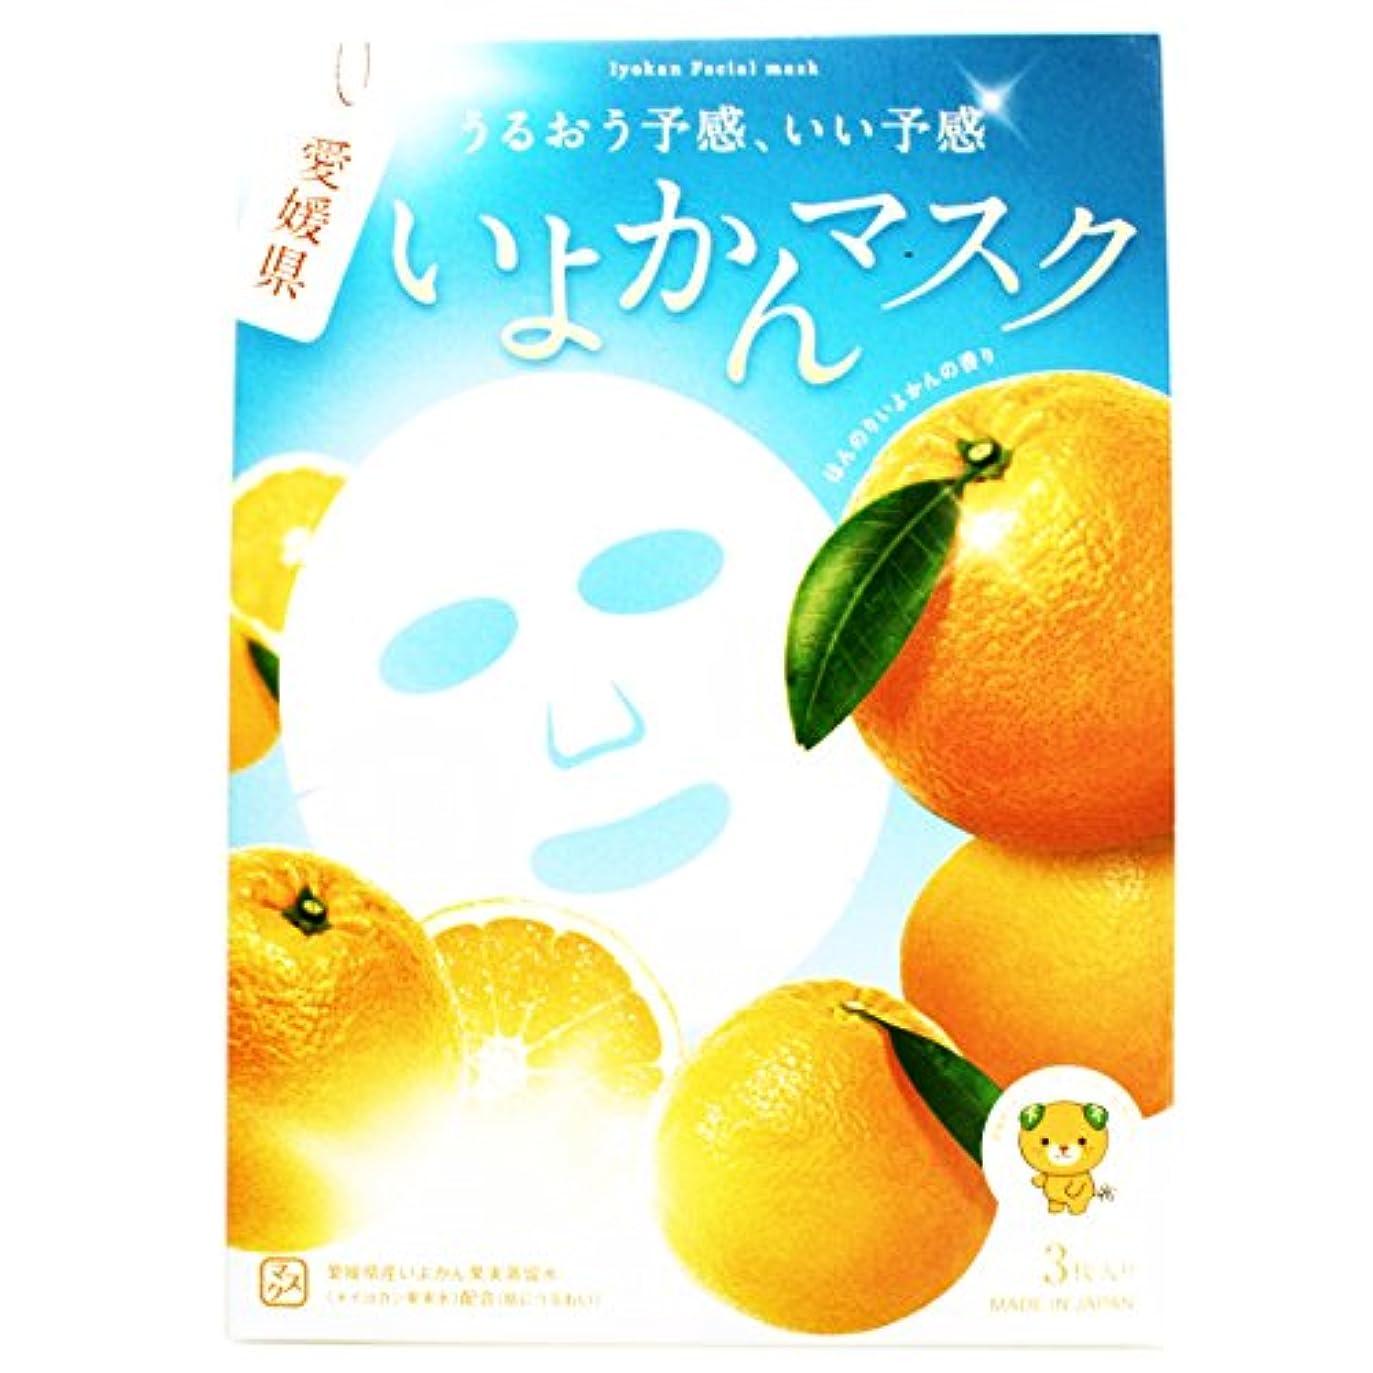 はずクランプ精算愛媛県 いよかんマスク 3枚入り